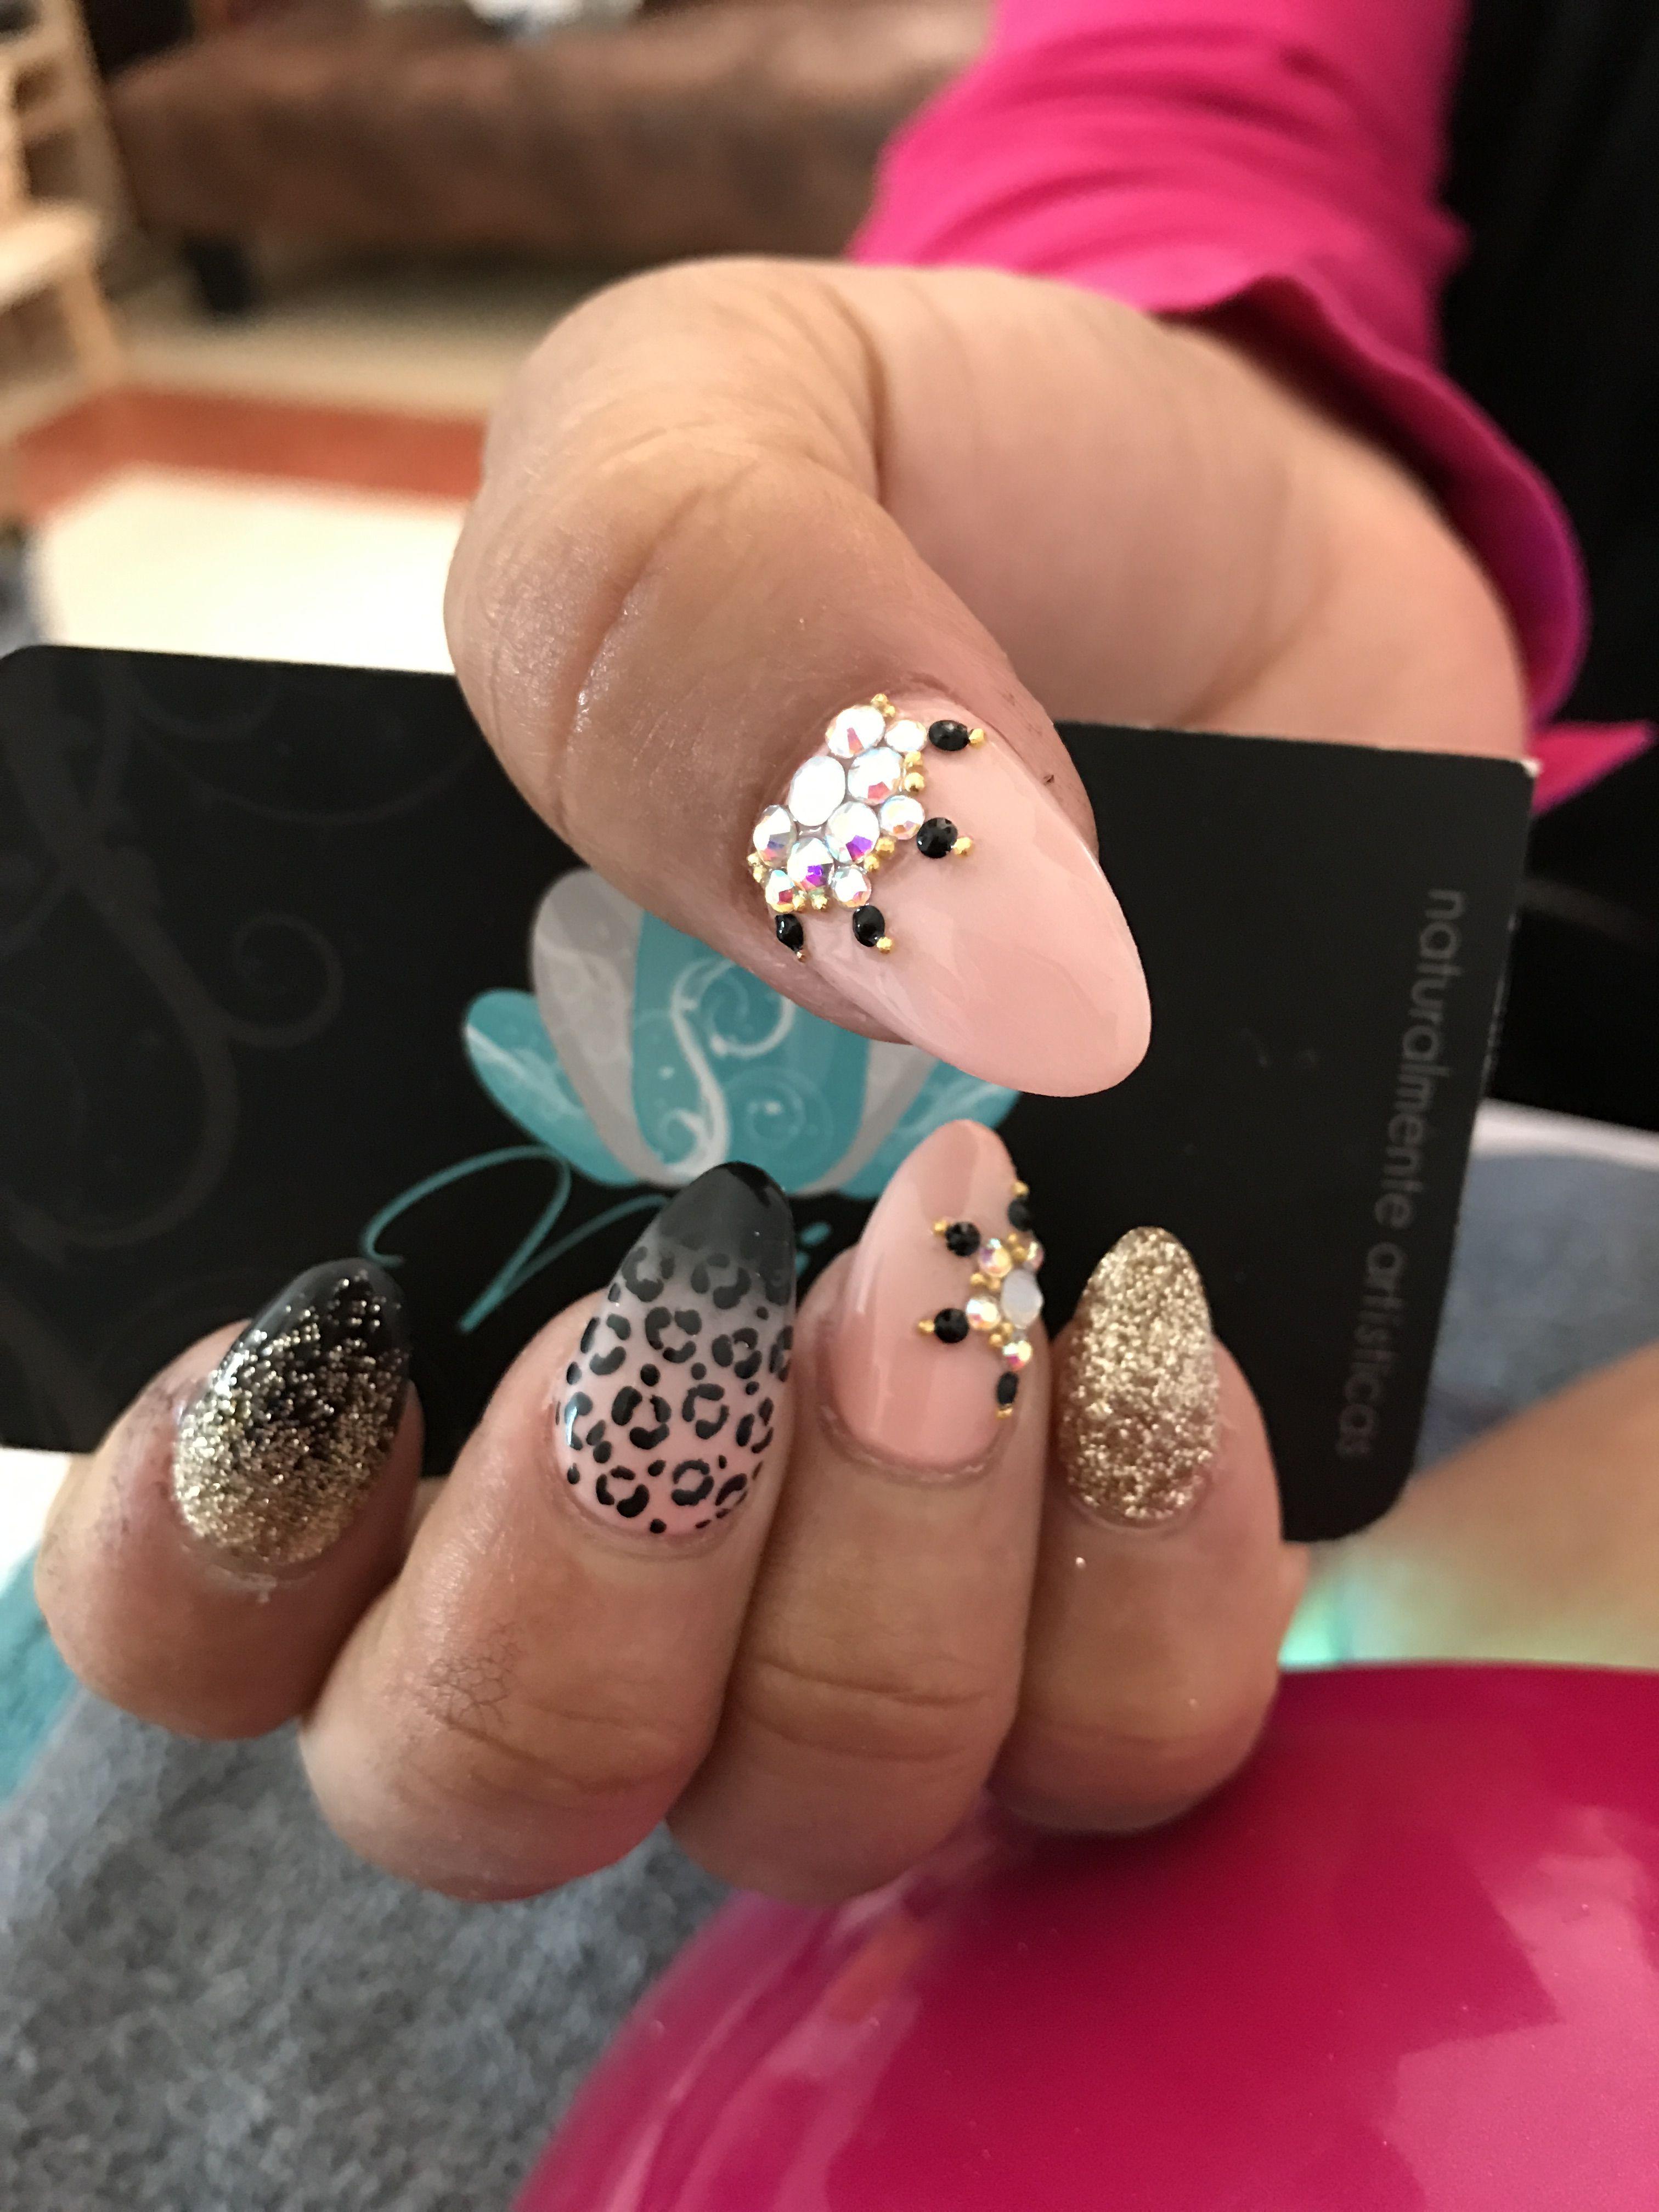 Acrylic nails, nails art, nude nails | Nails | Pinterest